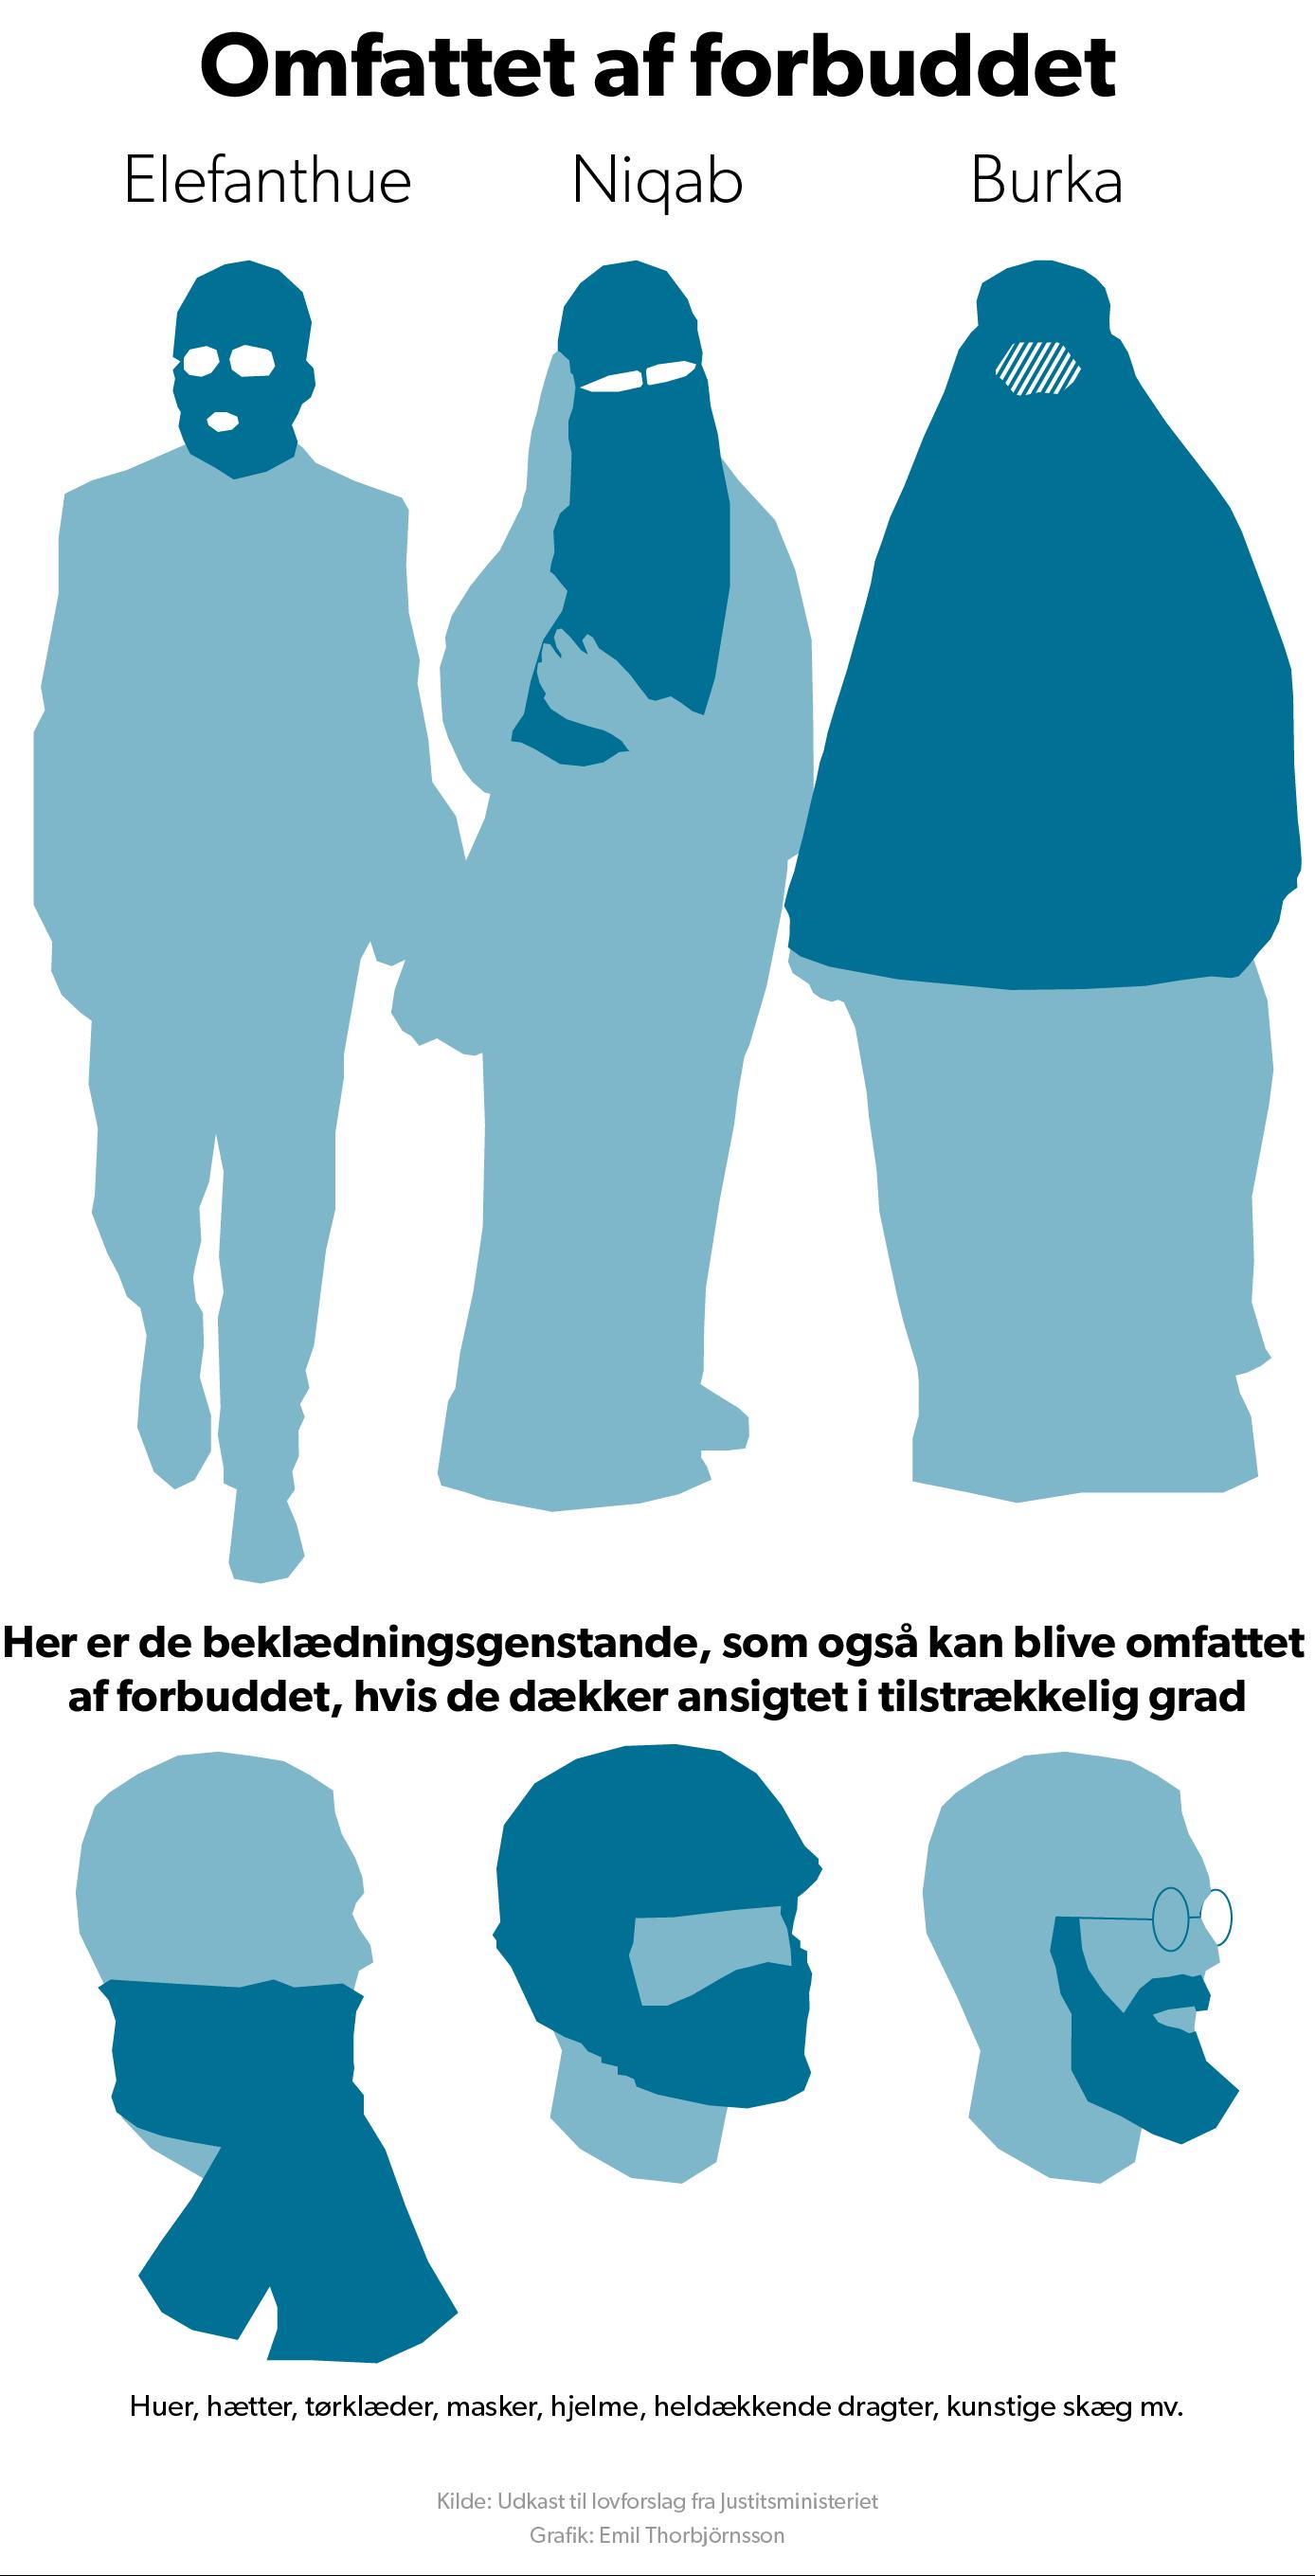 d_burka_forbud_v001_0.png